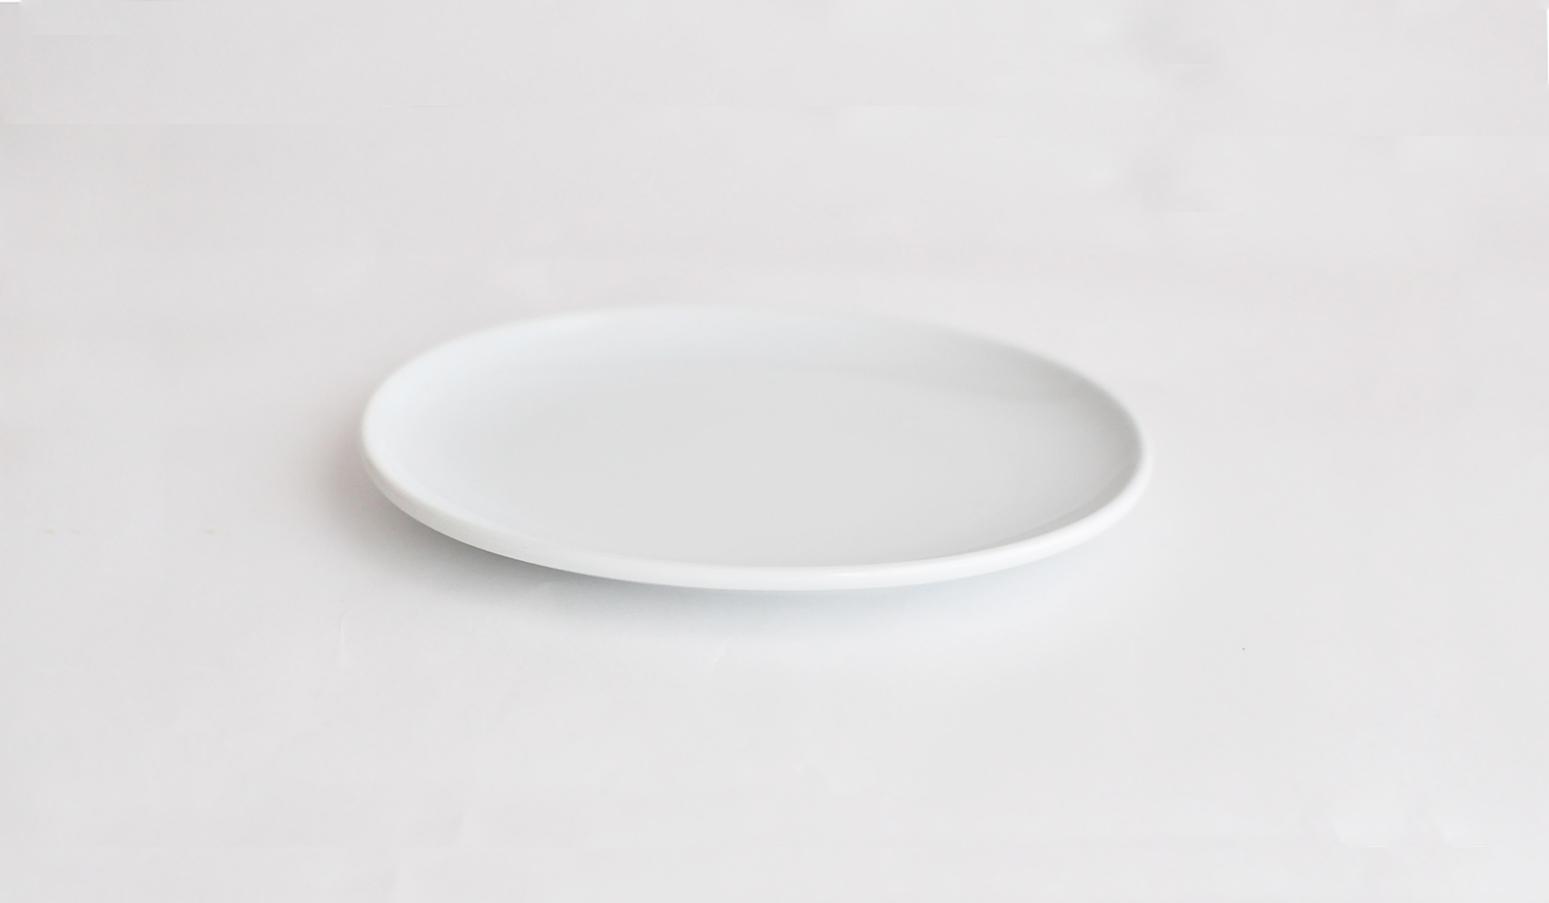 Common コモン オーバルプレート15cm ホワイト02